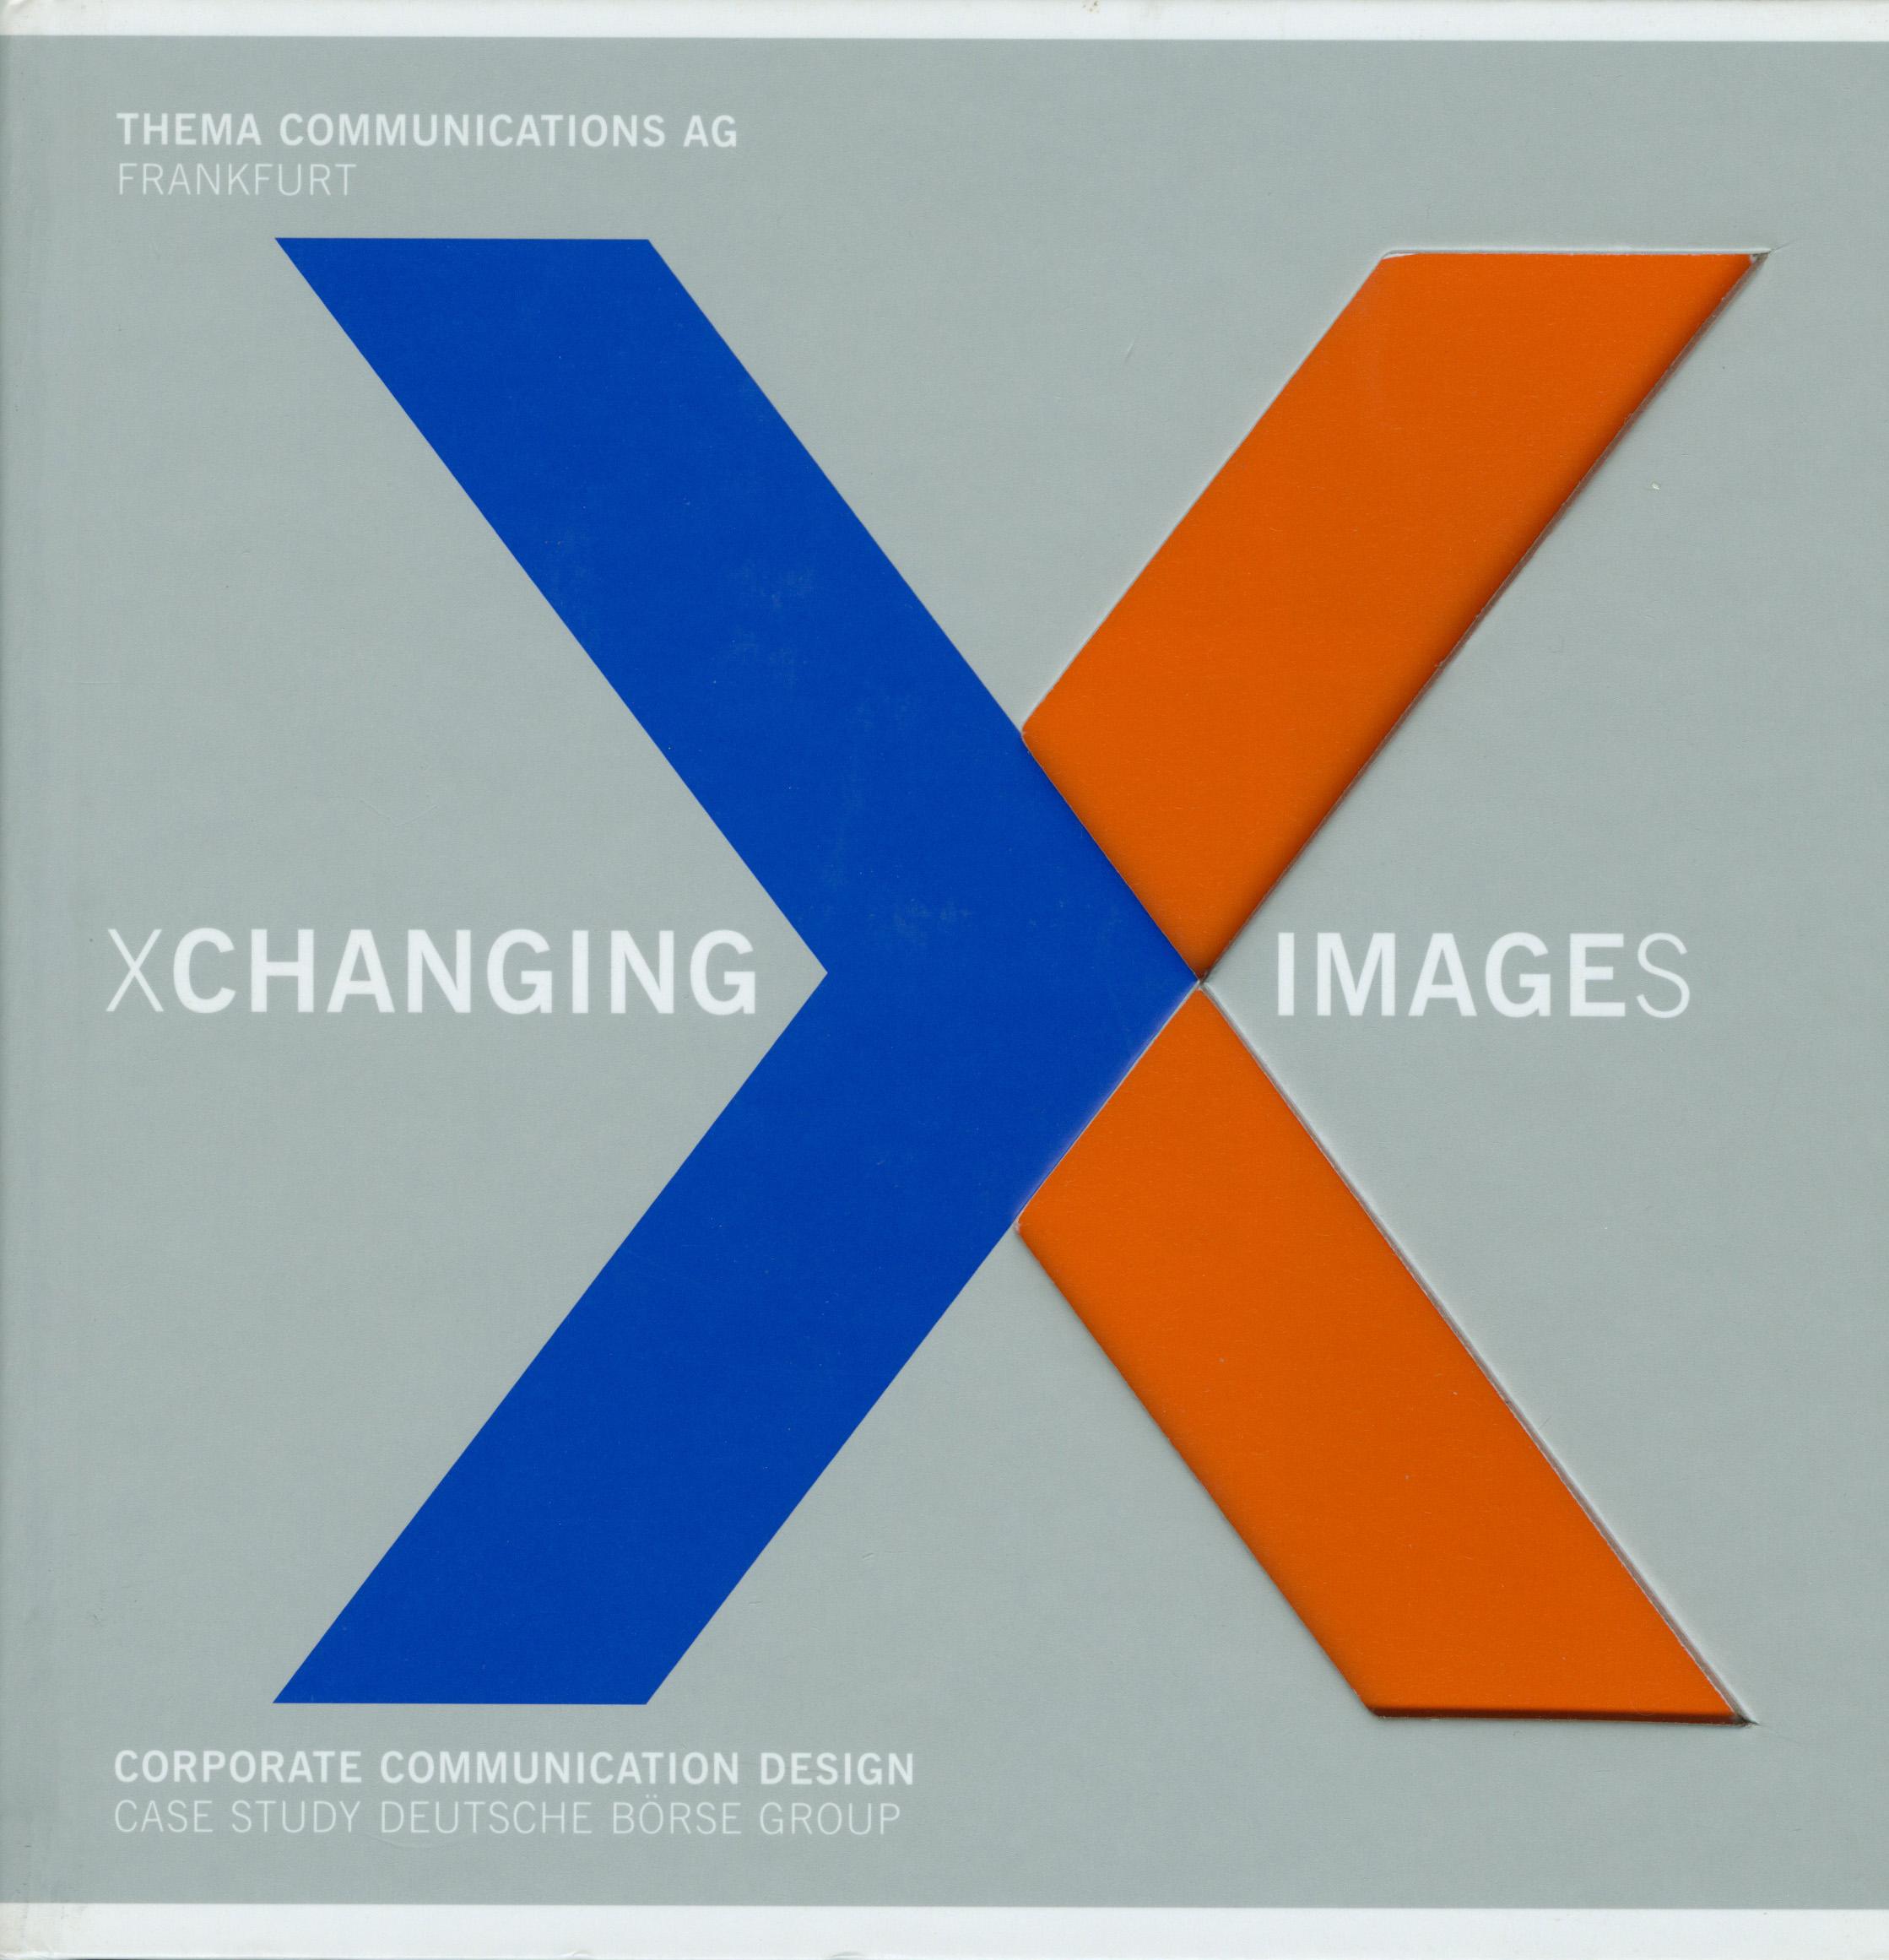 Xchanging Images Deutsche Börse